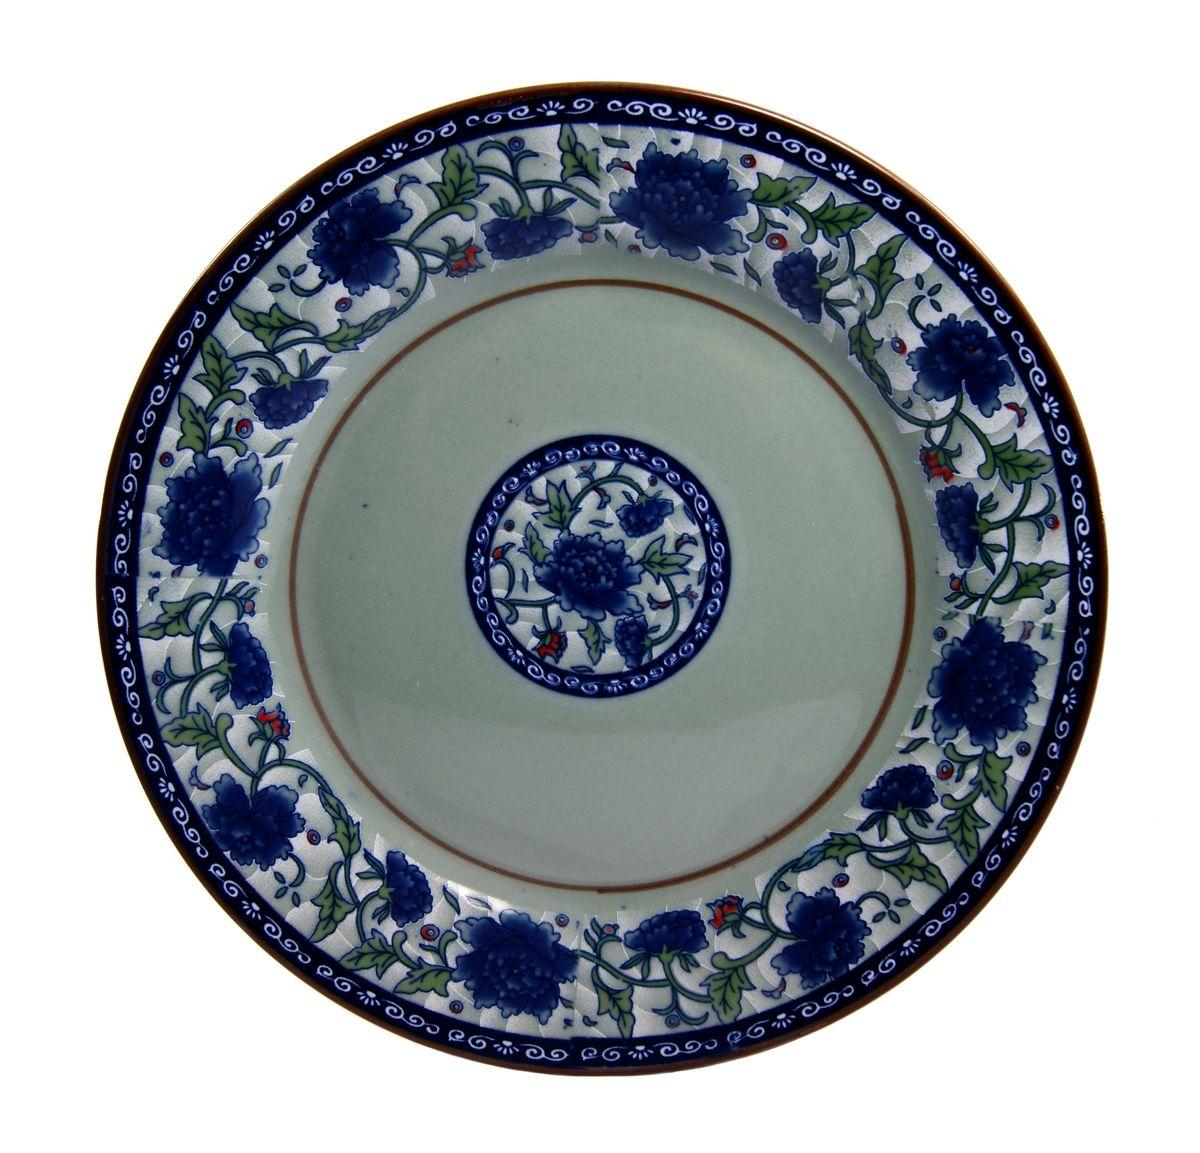 Тарелка для горячего Nanshan Porcelain Харбин, диаметр 25 смGNNSHB027Тарелка Nanshan Porcelain Харбин изготовлена из высококачественной керамики. Предназначена для красивой подачи различных блюд. Посуда безопасна для здоровья и окружающей среды. Внутренние стенки оформлены изящным узором. Такая тарелка украсит сервировку стола и подчеркнет прекрасный вкус хозяйки. Она дополнит коллекцию вашей кухонной посуды и будет служить долгие годы. Можно мыть в посудомоечной машине и использовать в СВЧ. Диаметр: 25 см.Высота: 2 см.